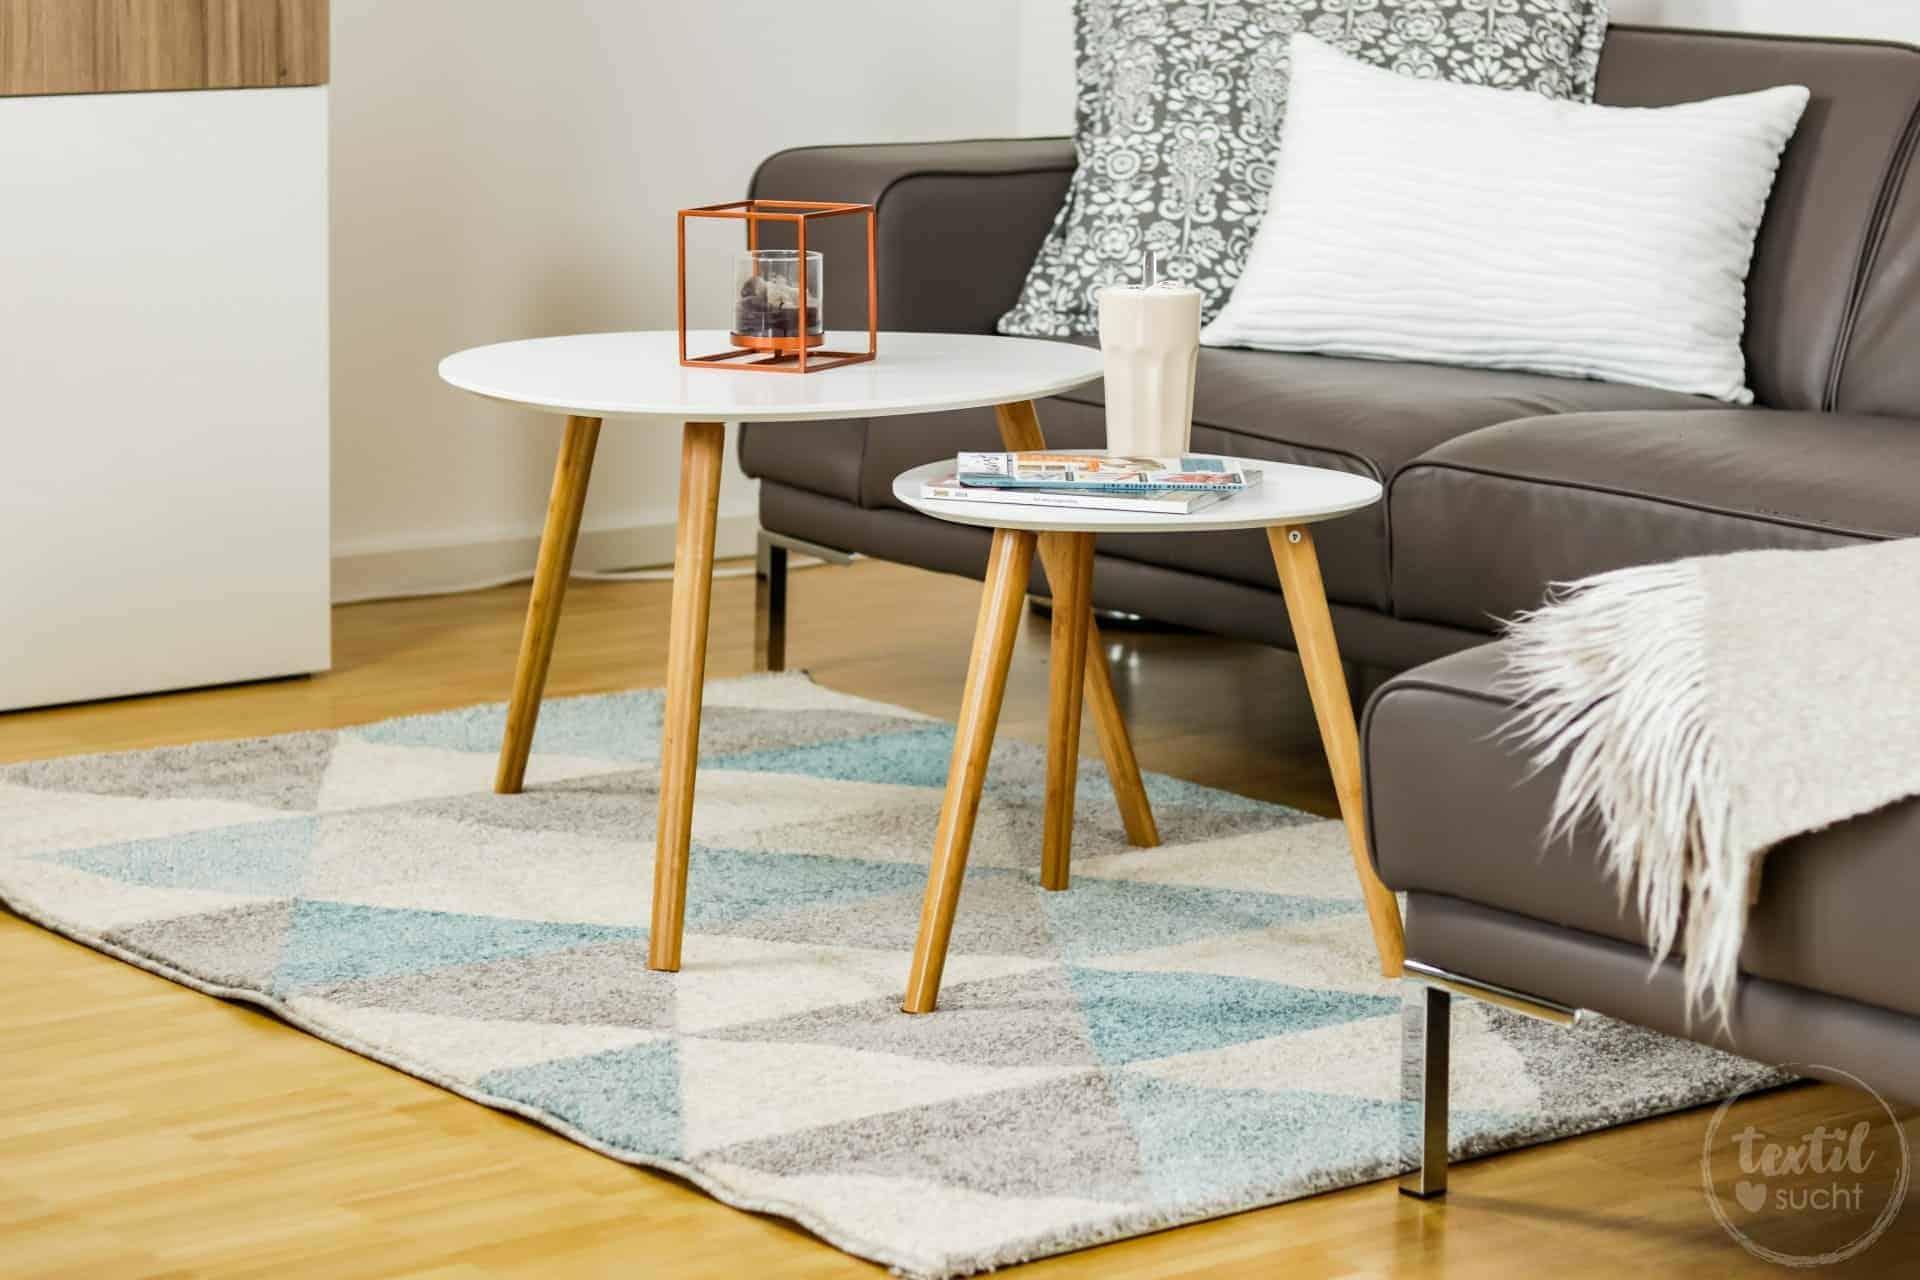 Wohnzimmer Einrichten Mit Benuta Teppich   Bild 2 | Textilsucht